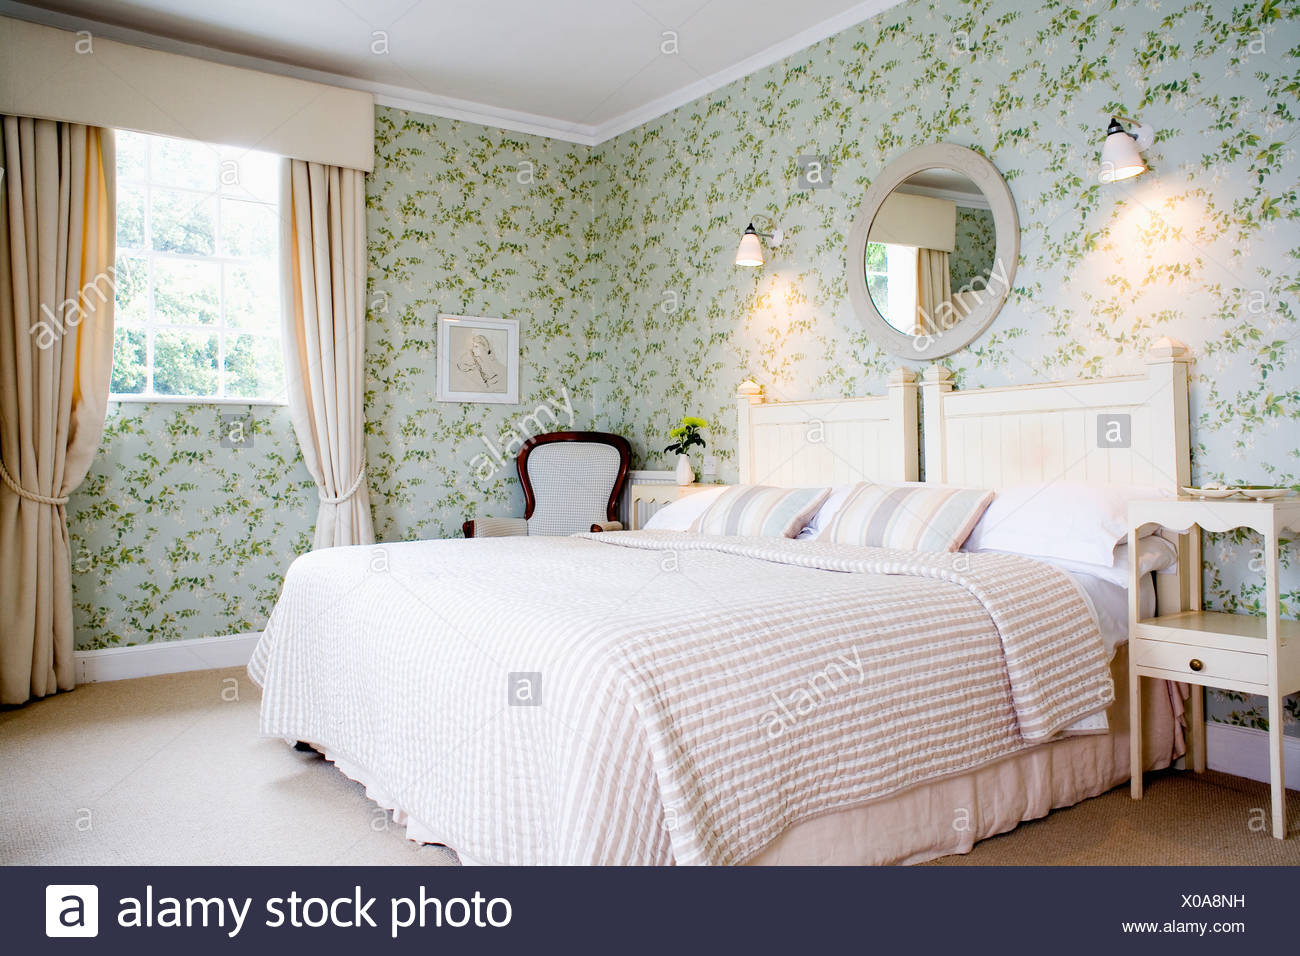 Schon Ausgezeichnet Schlafzimmer Cremefarben Fotos   Die Designideen Für .